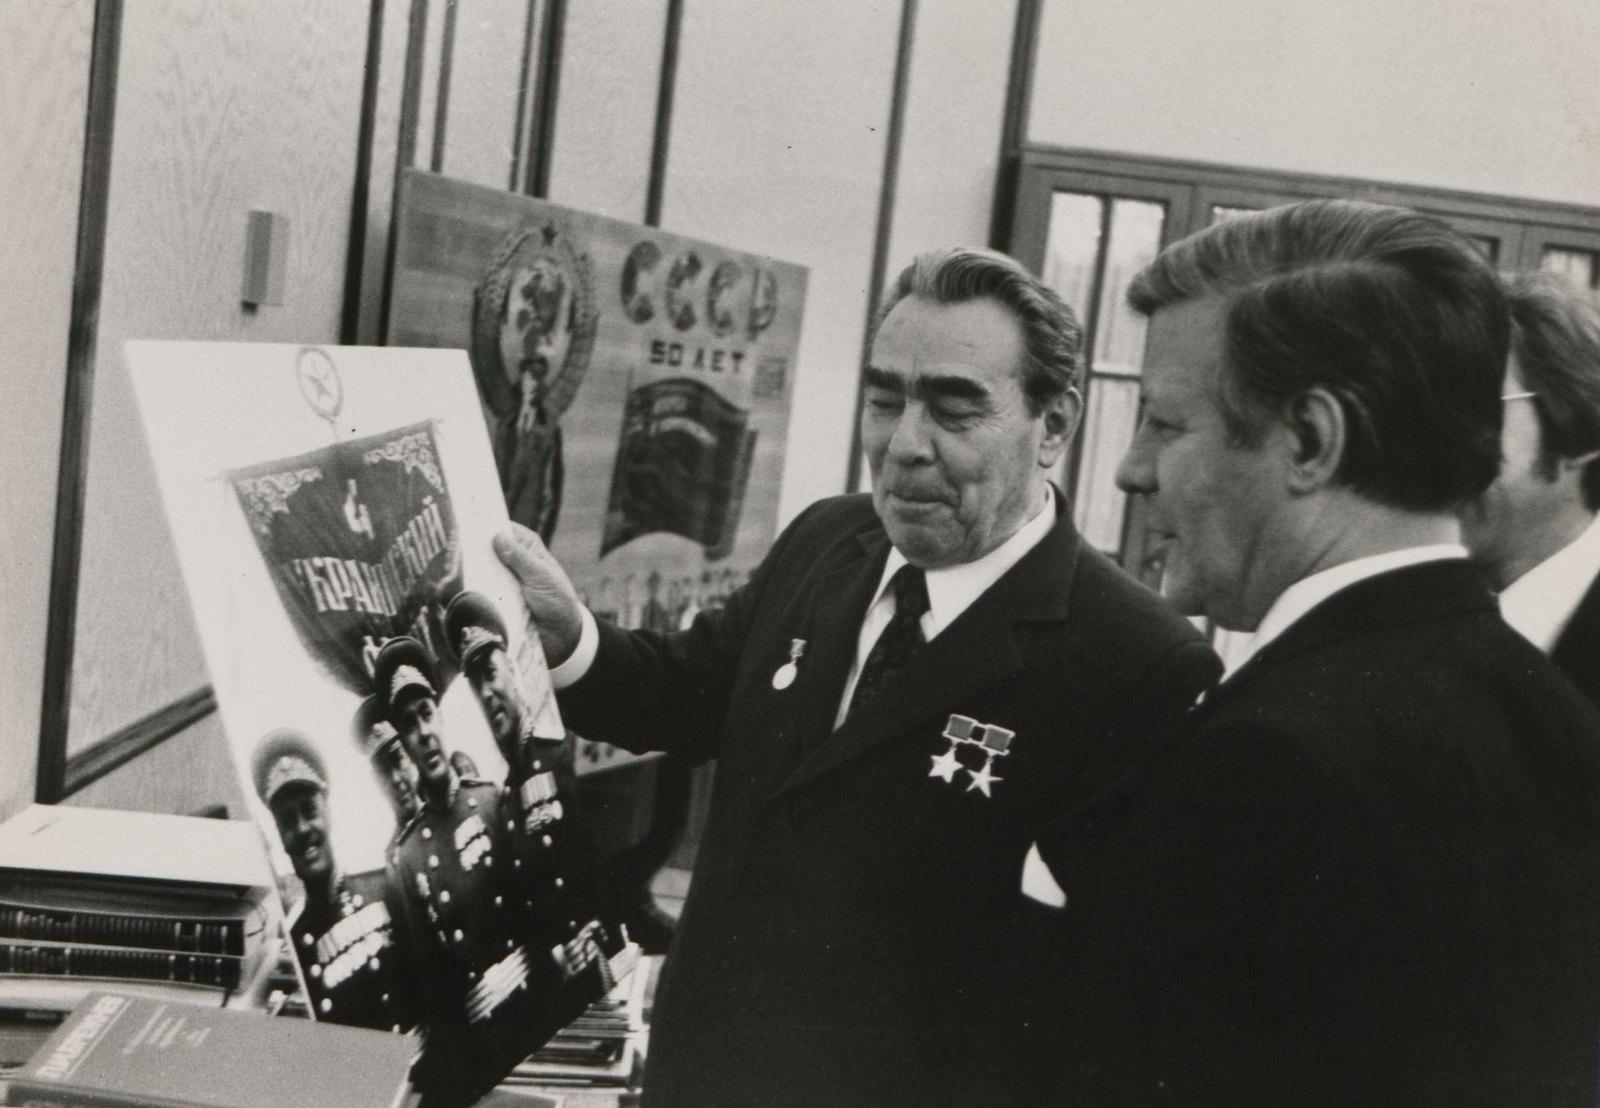 07. Л.И. Брежнев показывает фотографию Я. Халипа, изображающей группу командиров 4-го Украинского фронта гостям. 1975